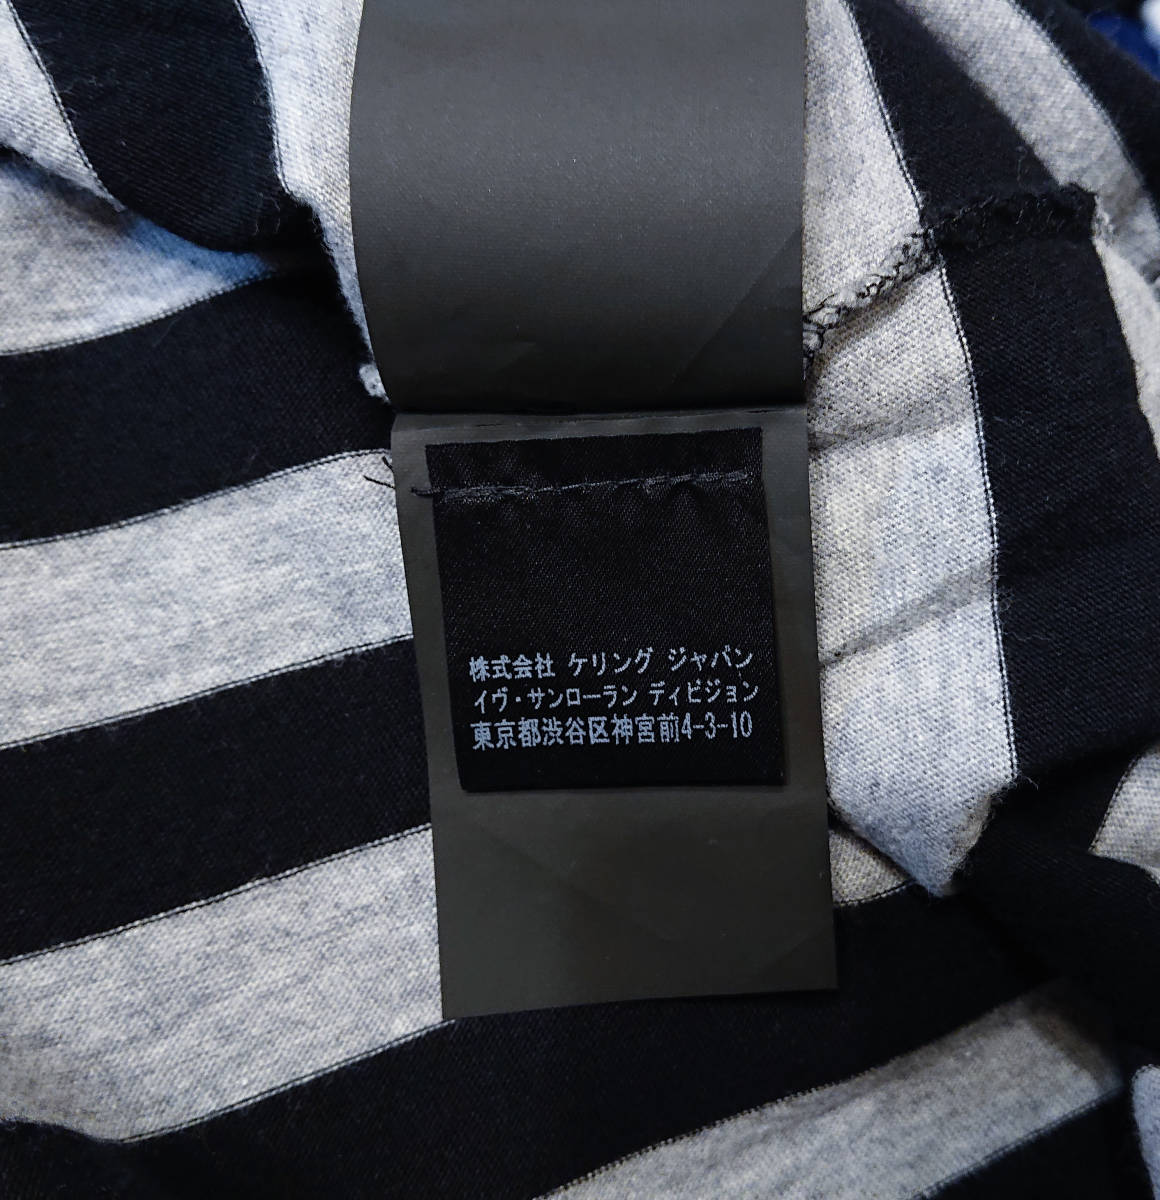 SAINT LOURENT PARIS サンローランパリ エディ期ラストコレクション ボーダーTシャツ ルーズシルエット エディスリマン 国内正規品_画像4